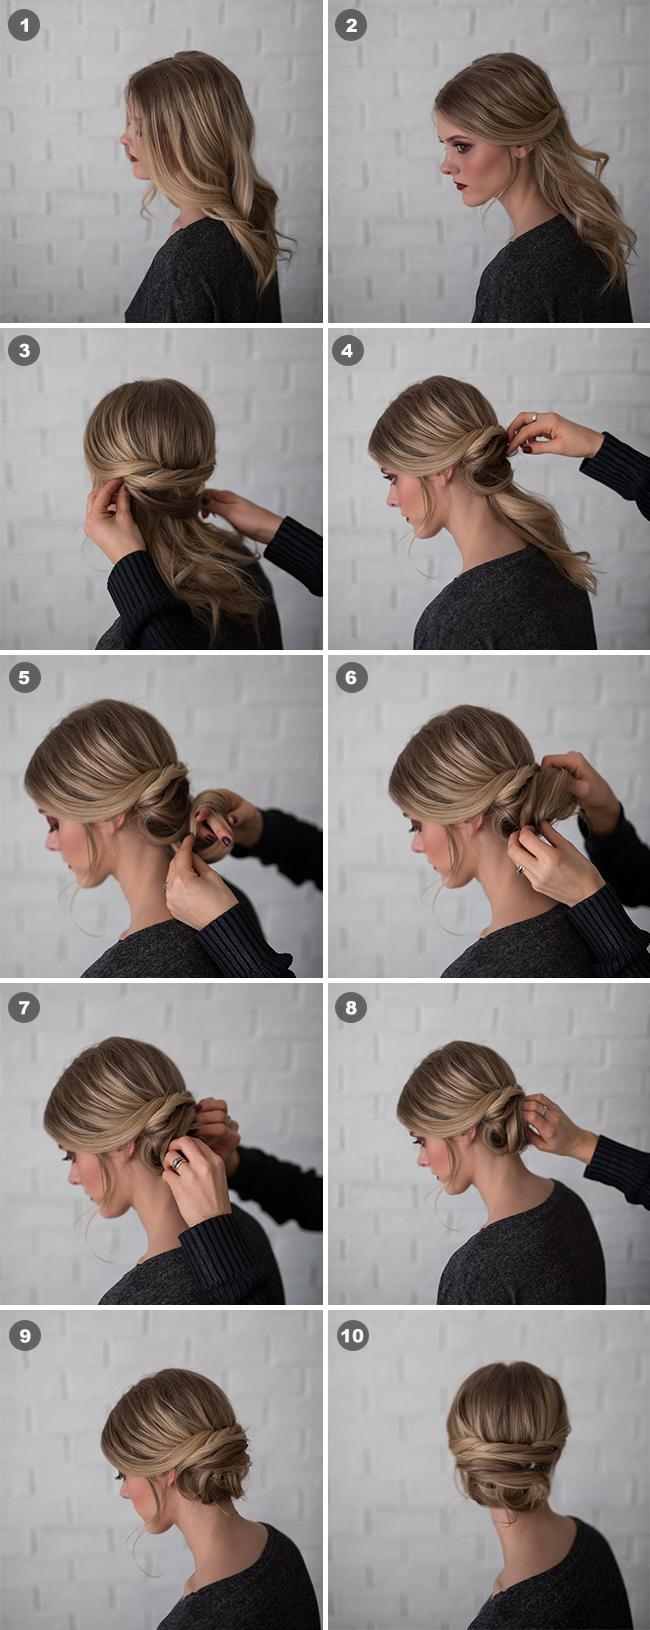 hair tutorial1